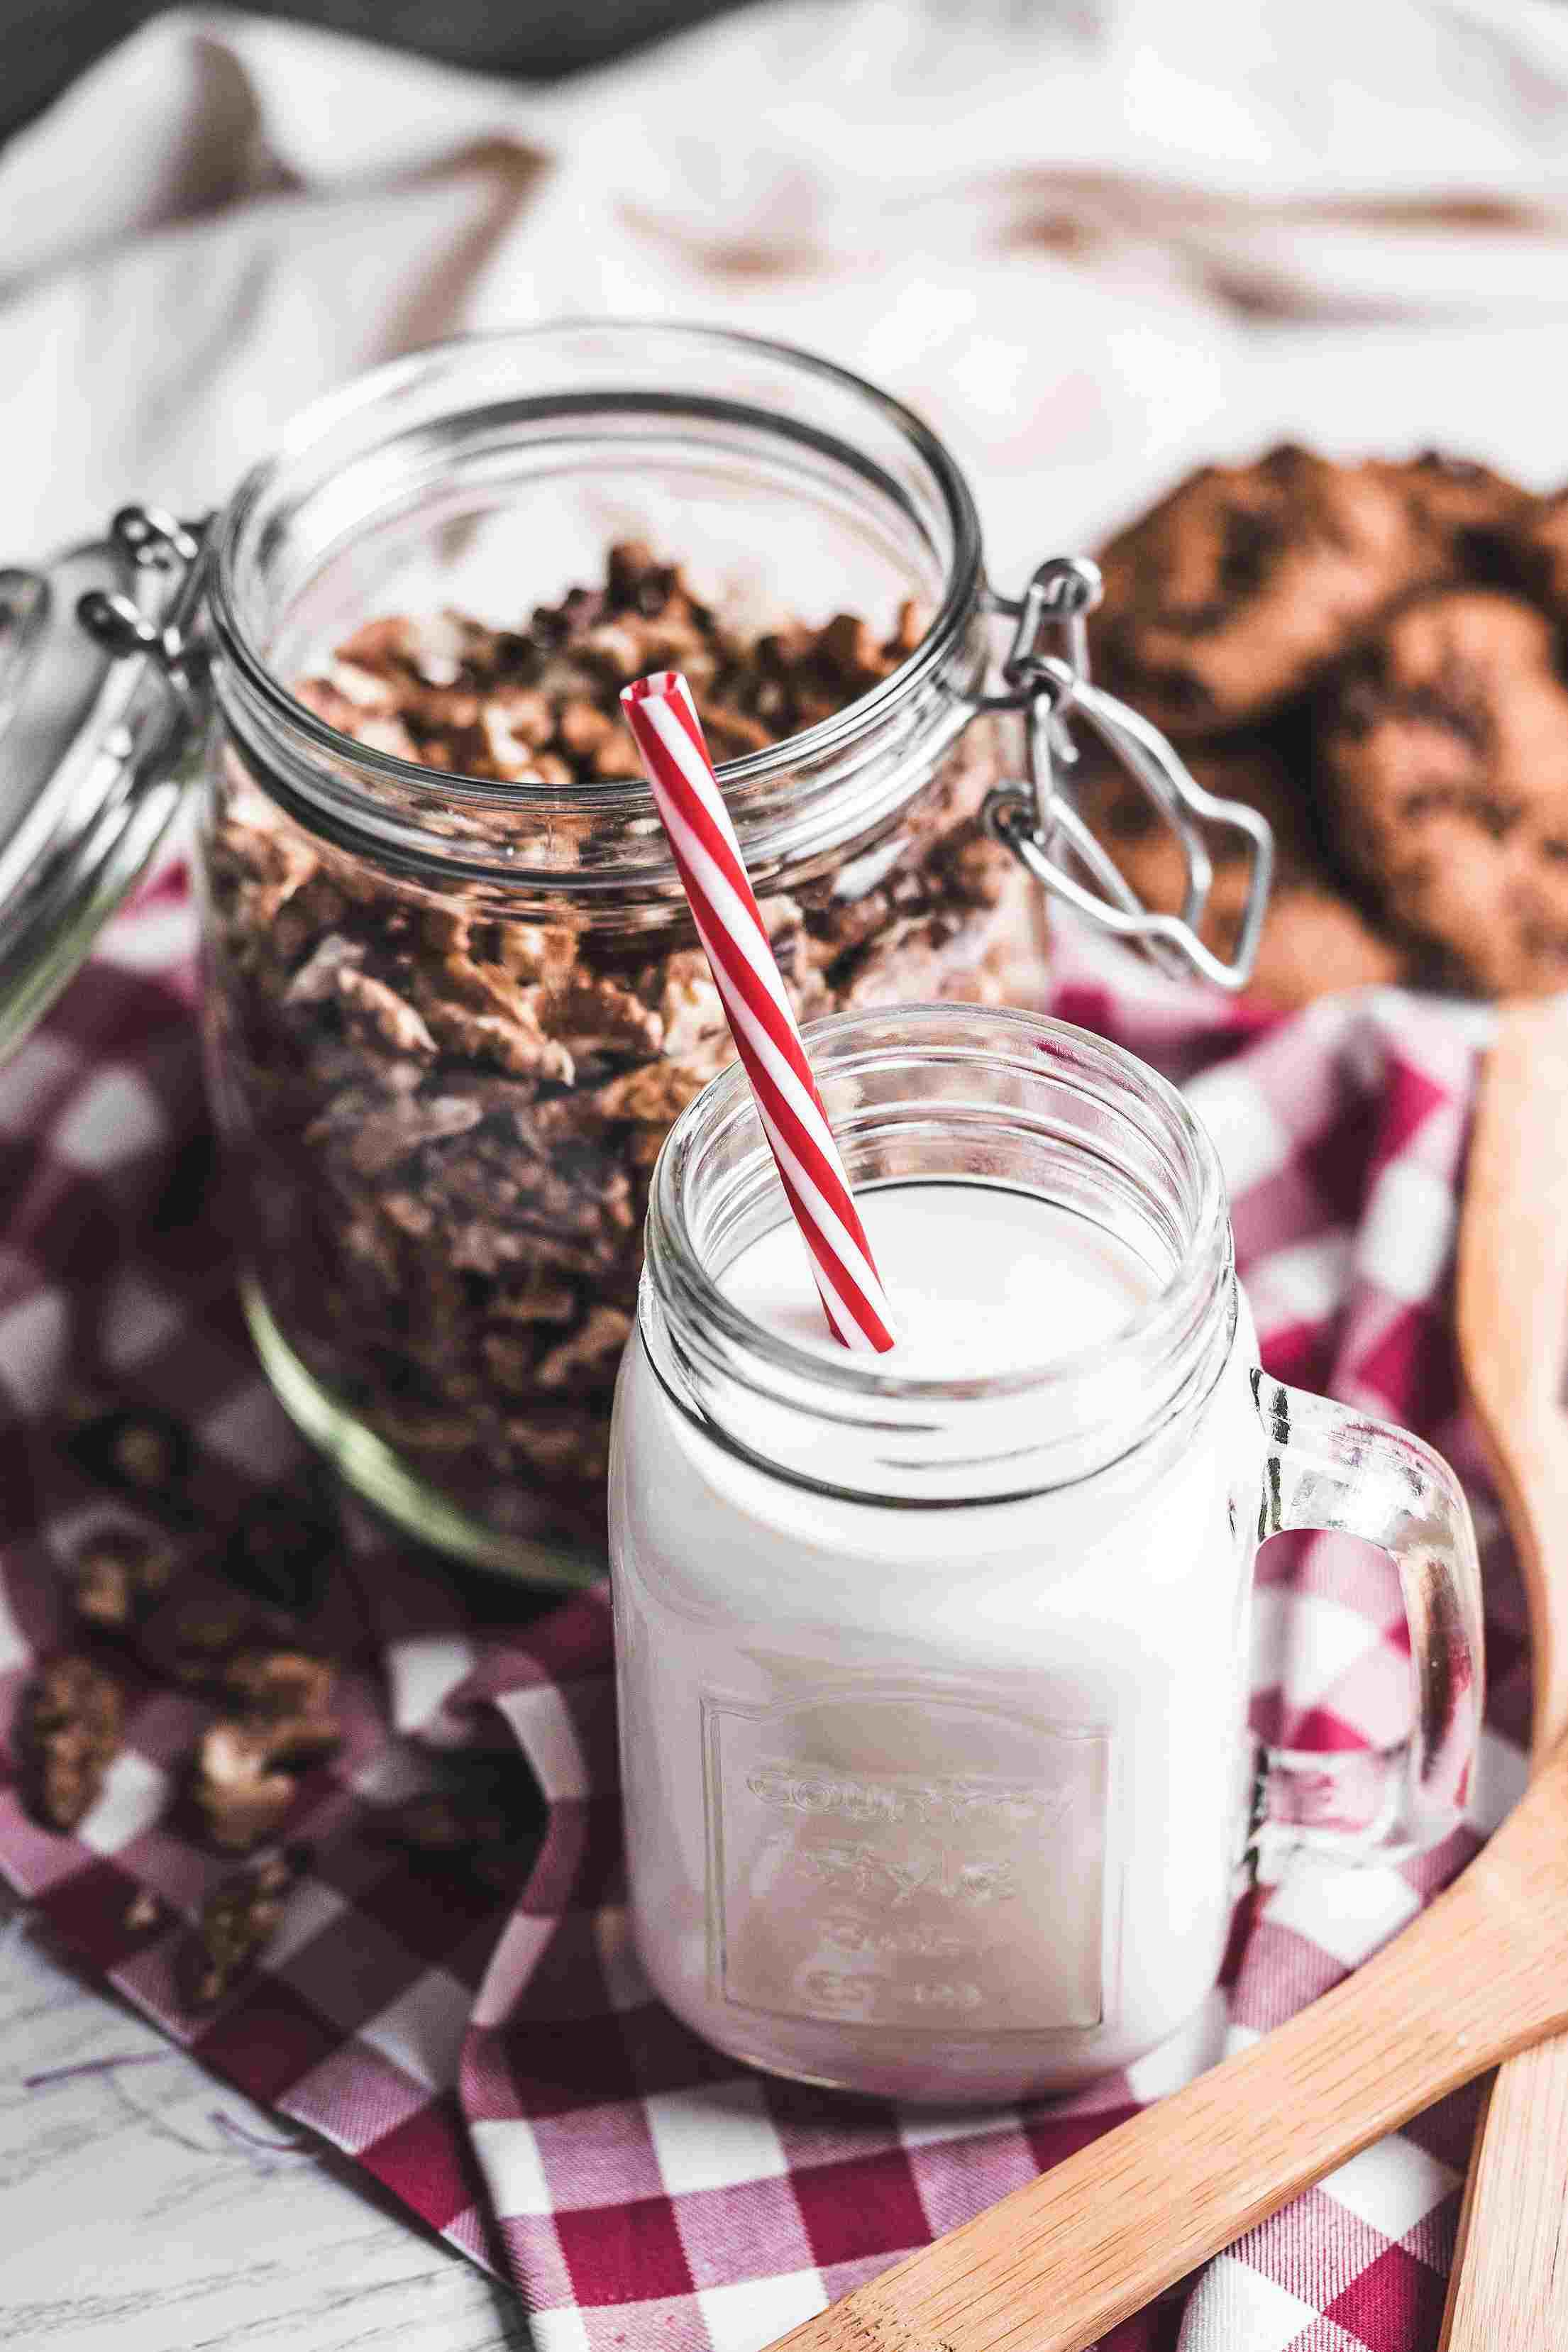 1. 巧克力牛奶 想不到吧!巧克力牛奶可以分解酒精, 不管是喝酒前還是喝酒後都有用喔!